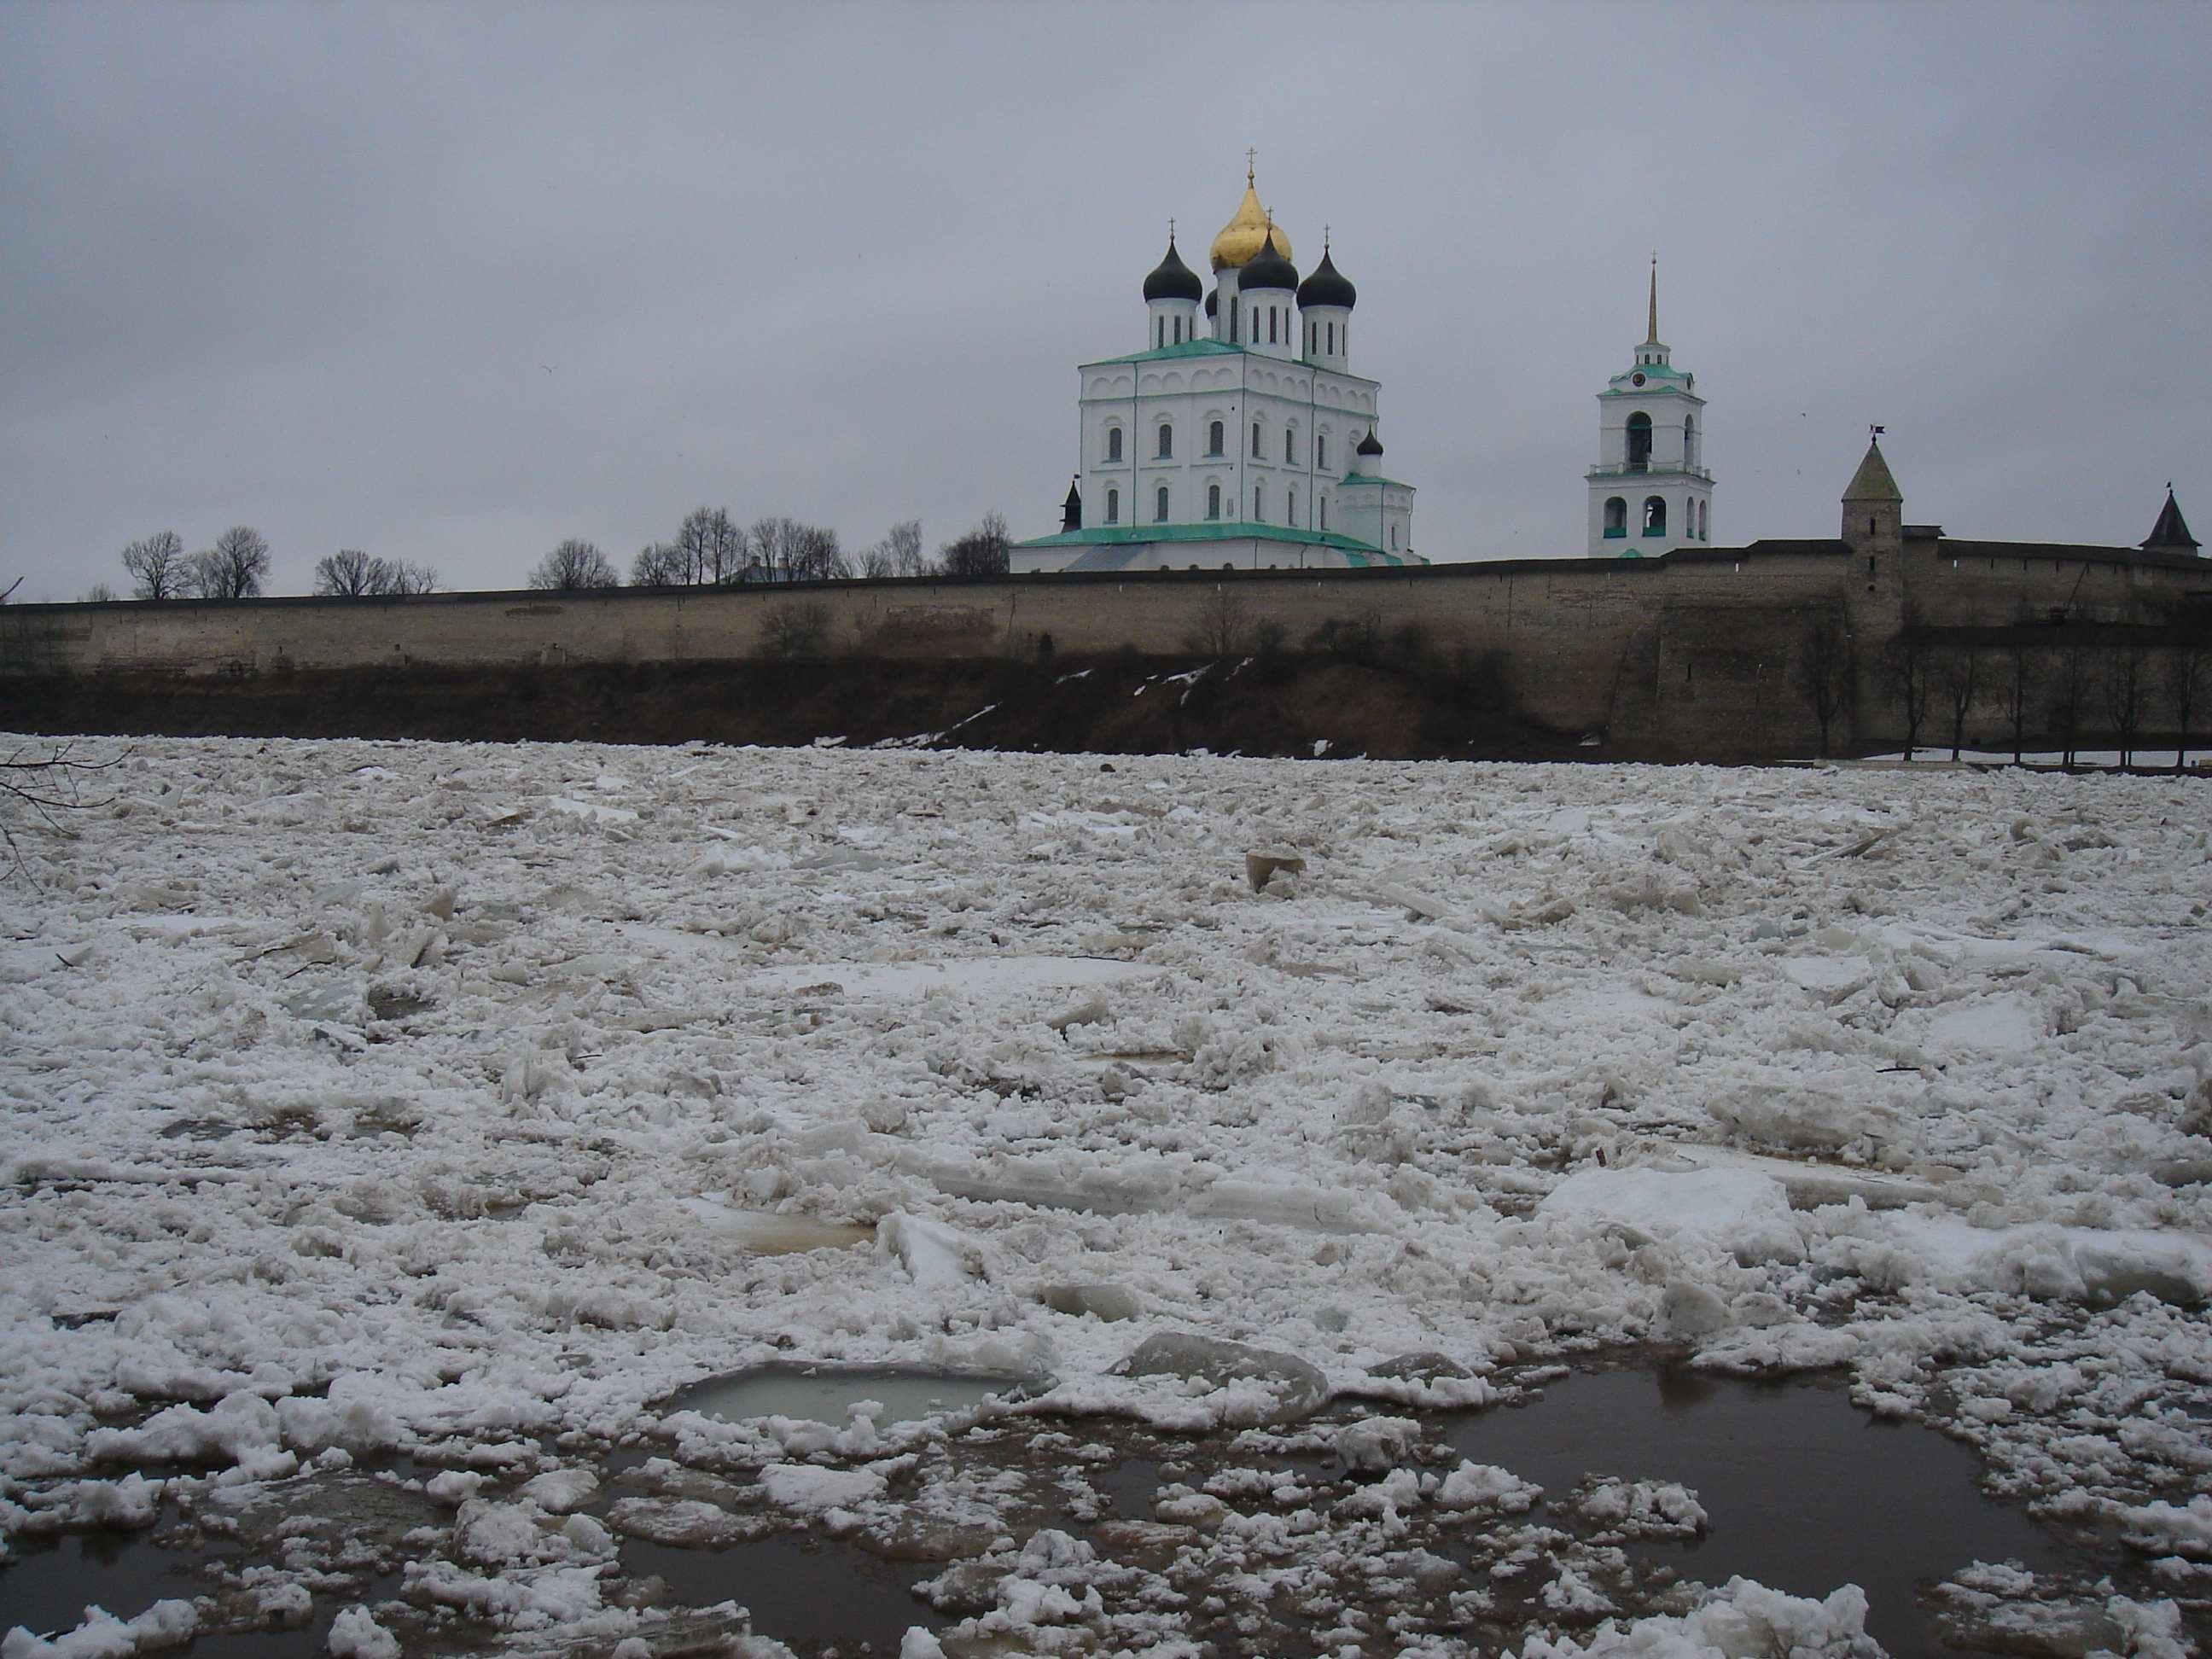 Фотогалерея Псков - Псково-Печерский монастырь - Крыпецы